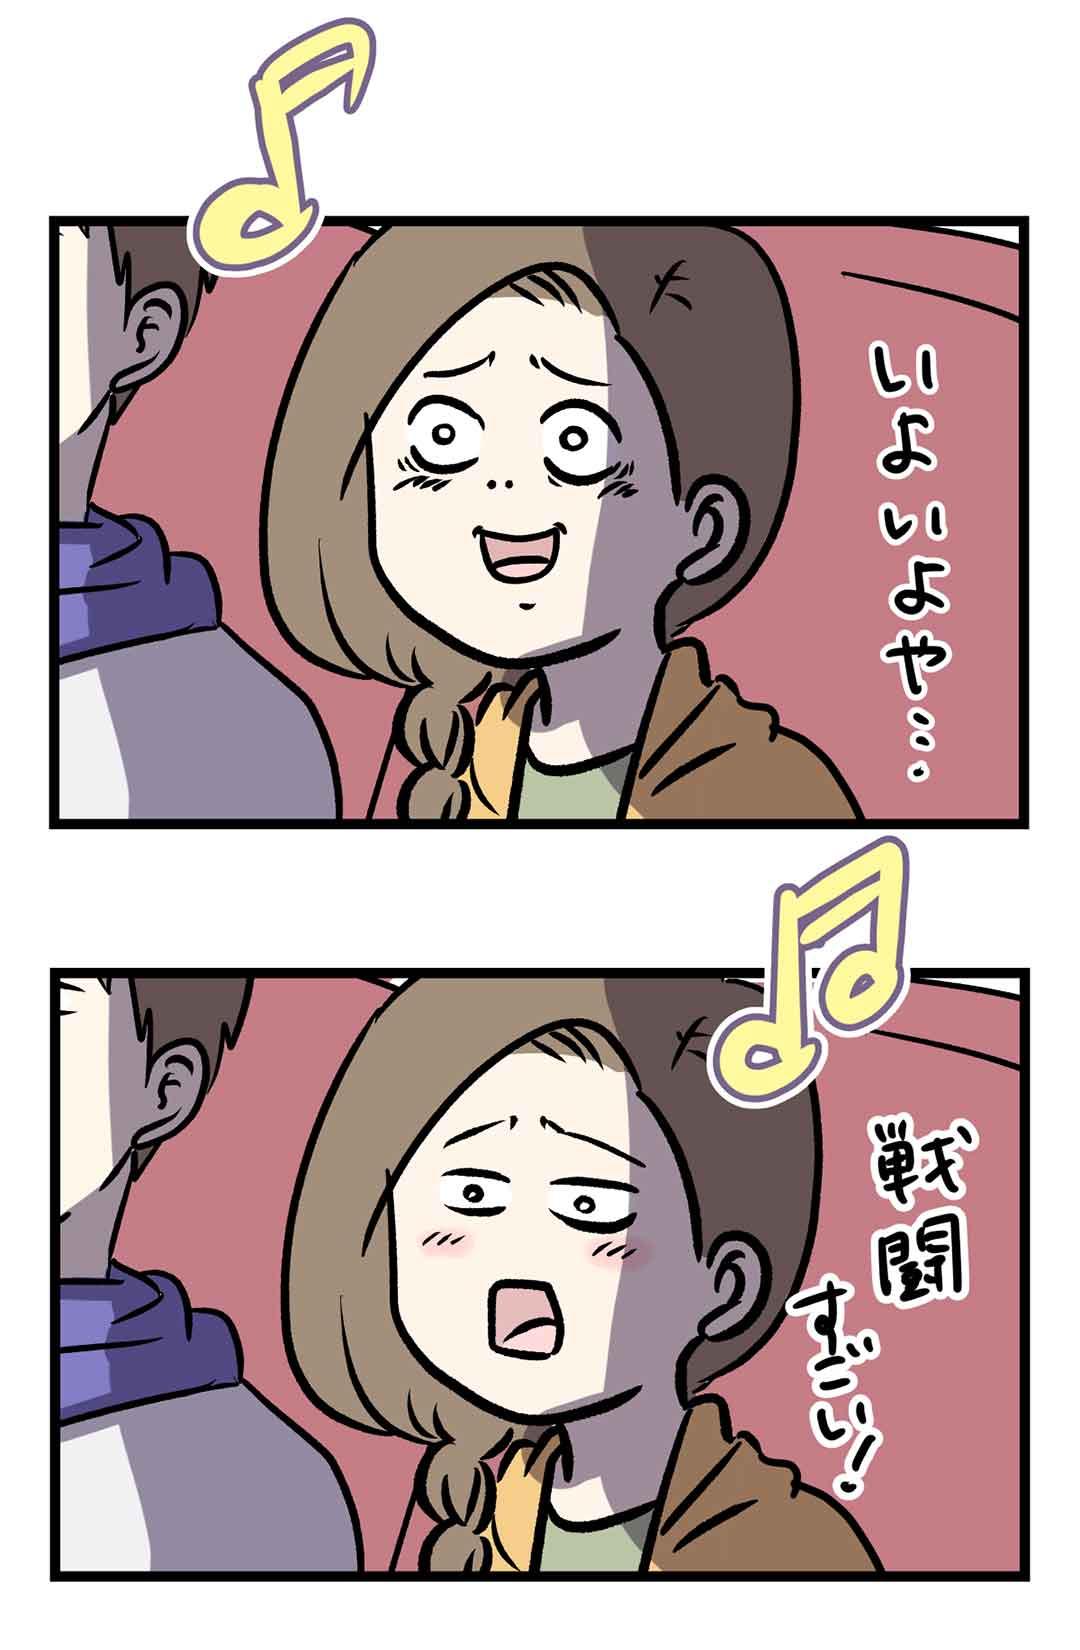 ドラクエ 5 映画 ネタバレ